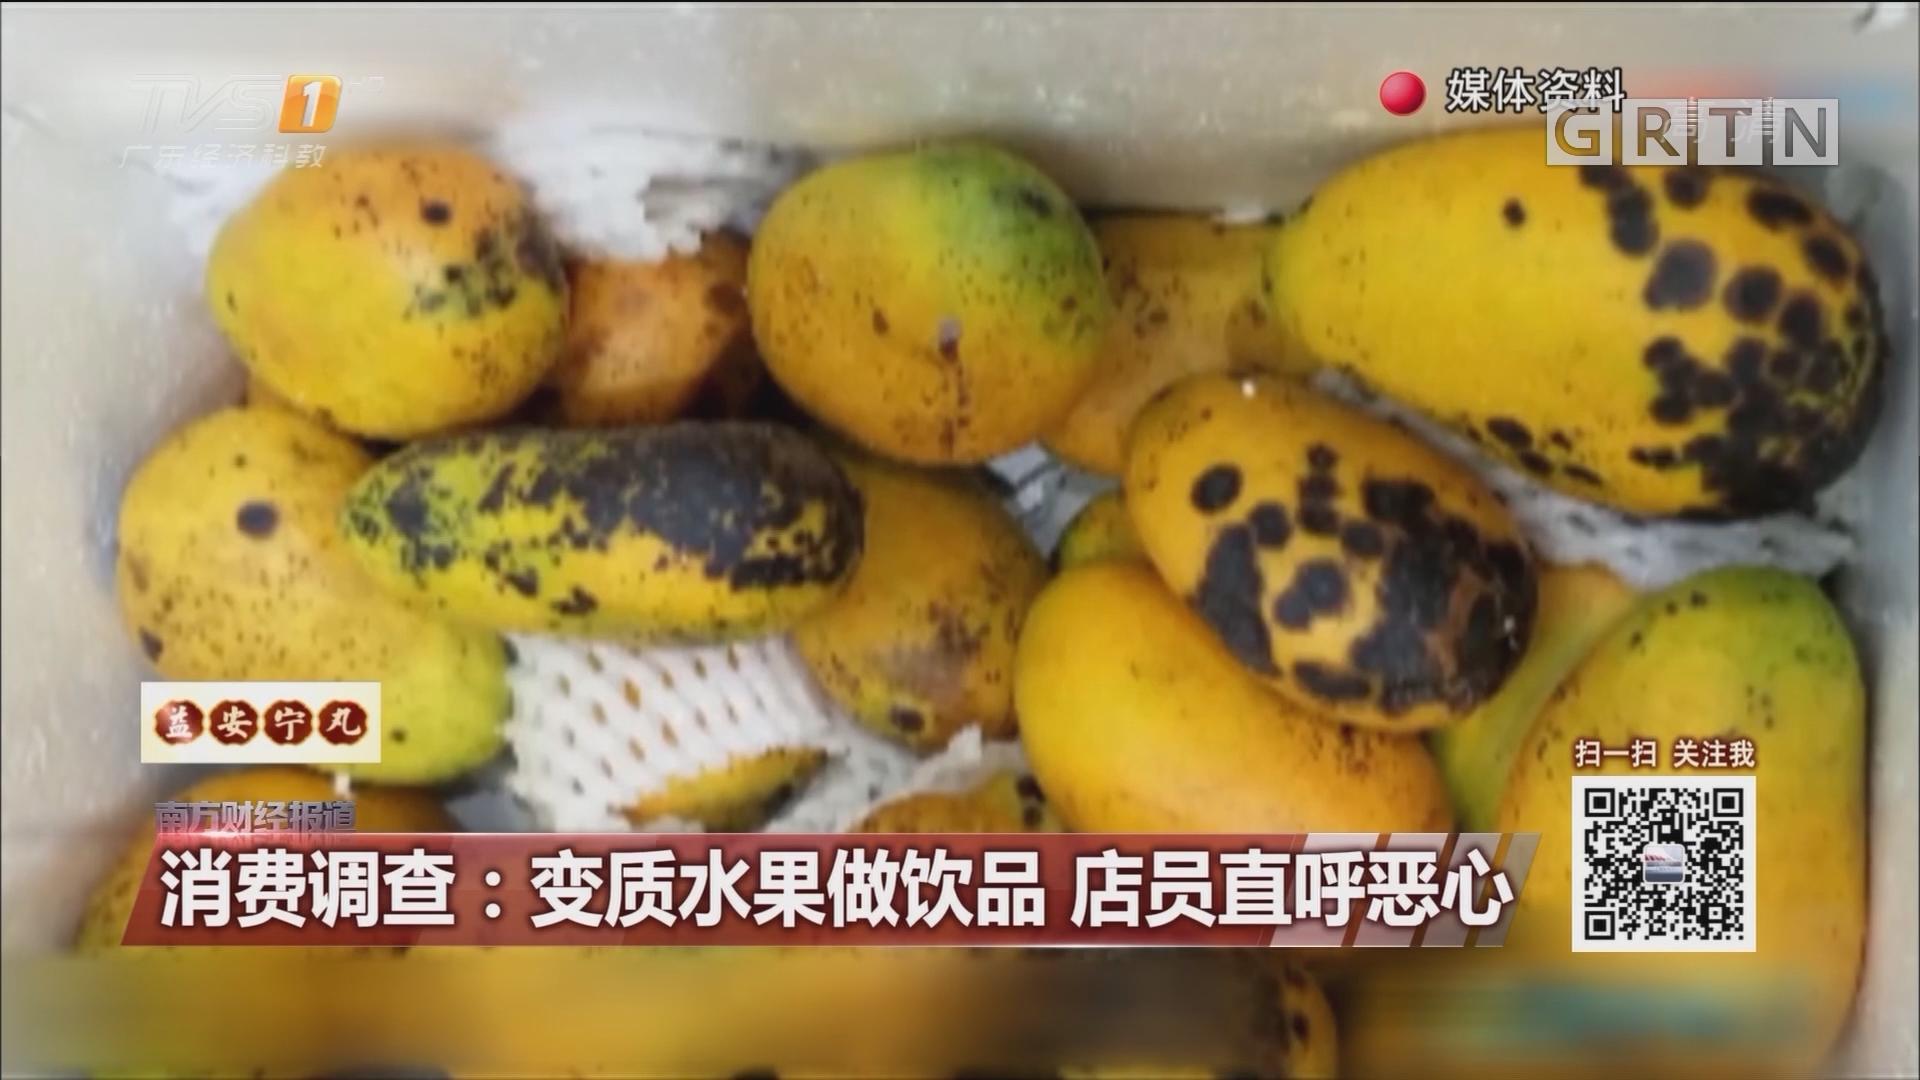 消费调查:变质水果做饮品 店员直呼恶心